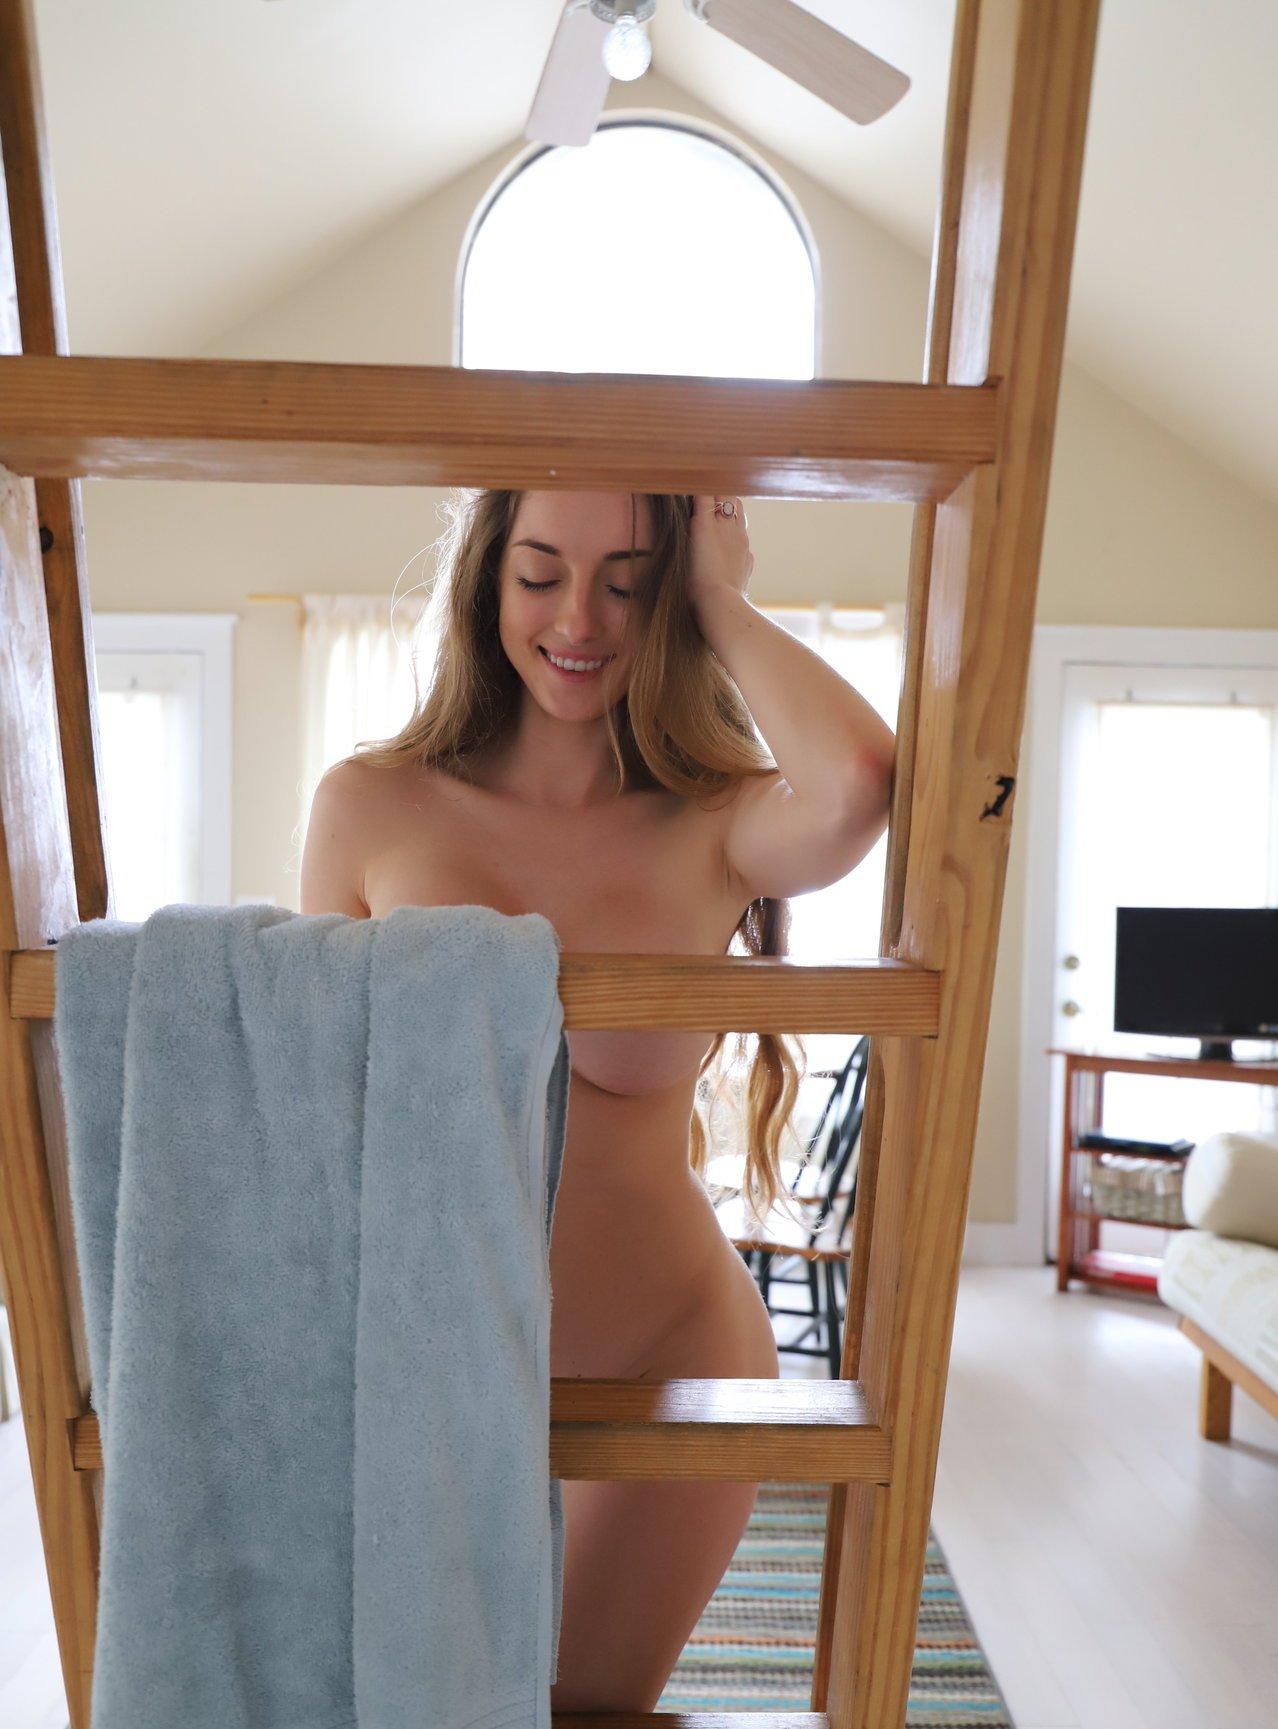 Abby Opel Onlyfans Nude Leaks 0014